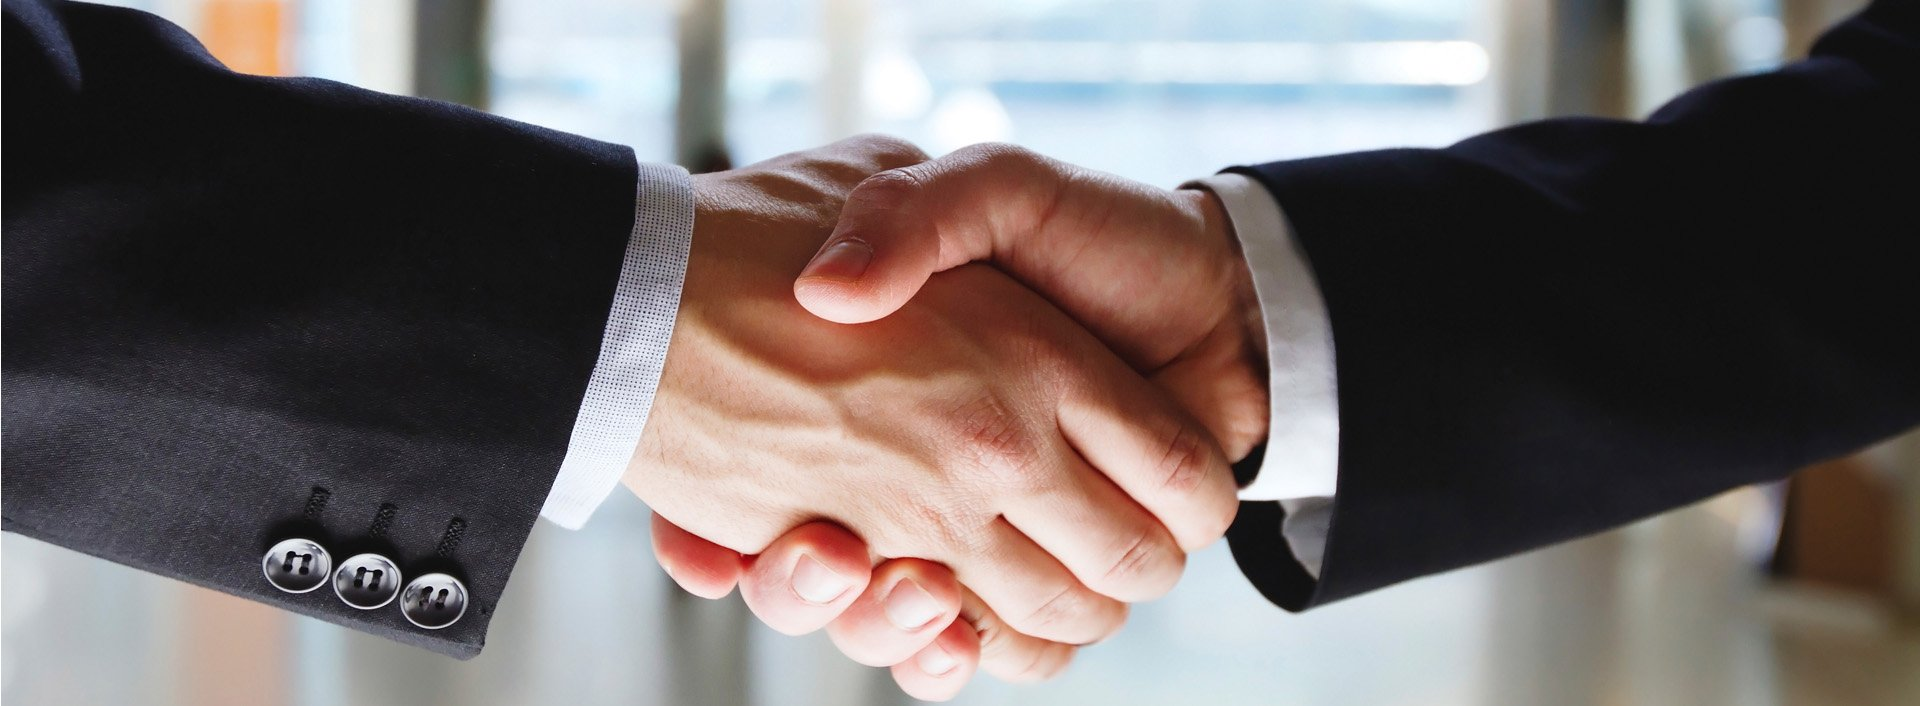 Zwei Geschäftsleute schütteln sich nach einem erfolgreichen englischen Vorstellungsgespräch die Hand.